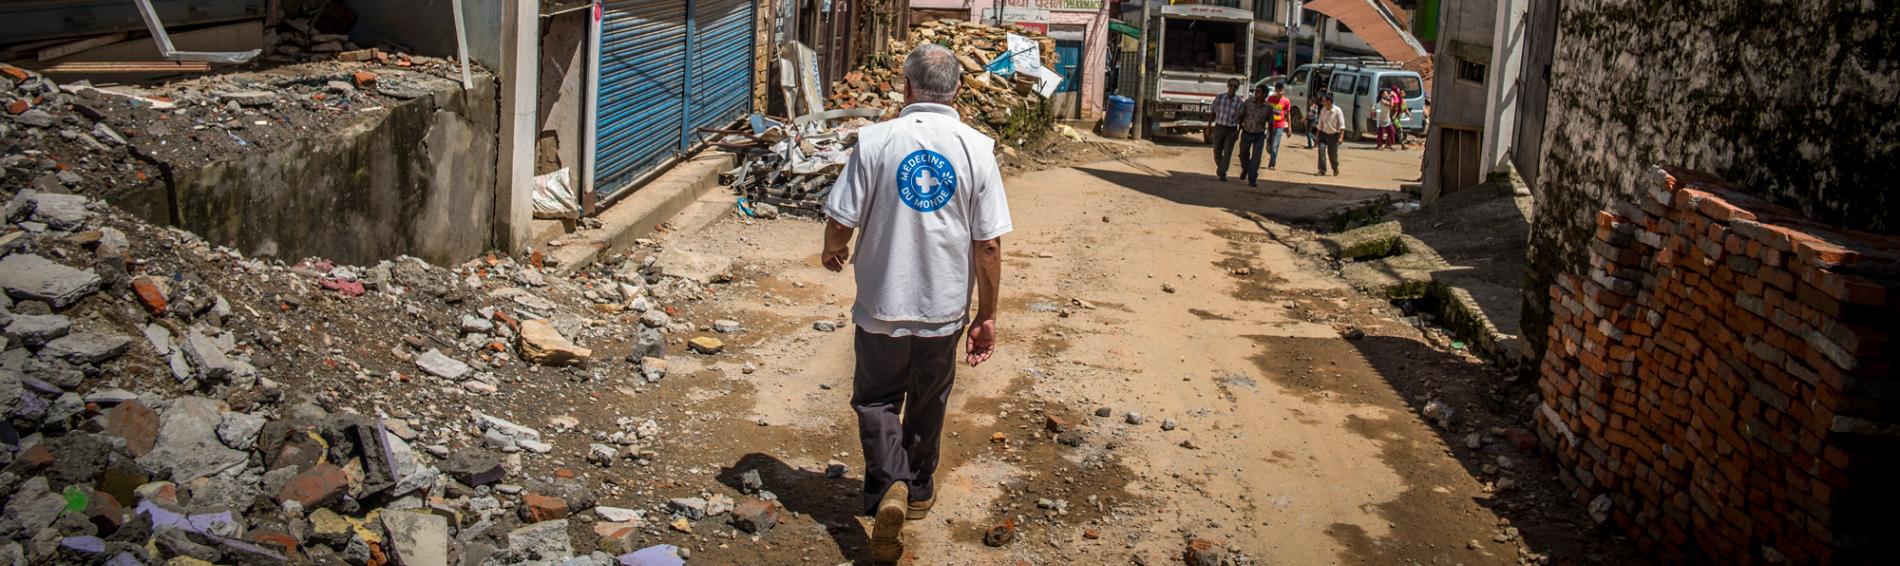 Ein Einsatzhelfer in Nepal. Foto: Olivier Papegnies